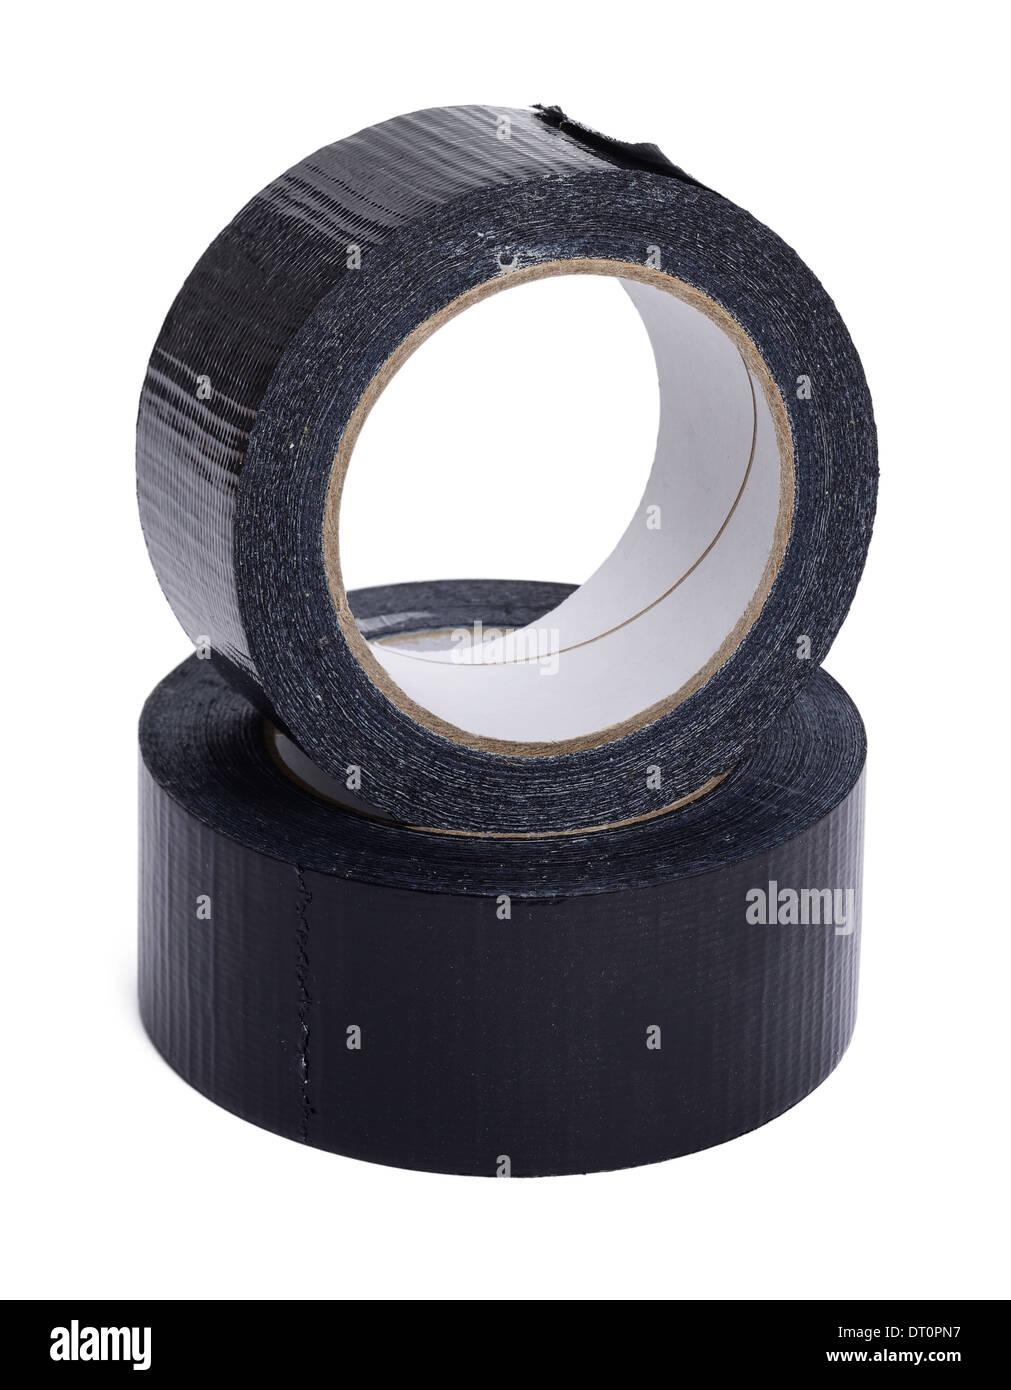 Dos rollos de cinta adhesiva plástica negra Imagen De Stock